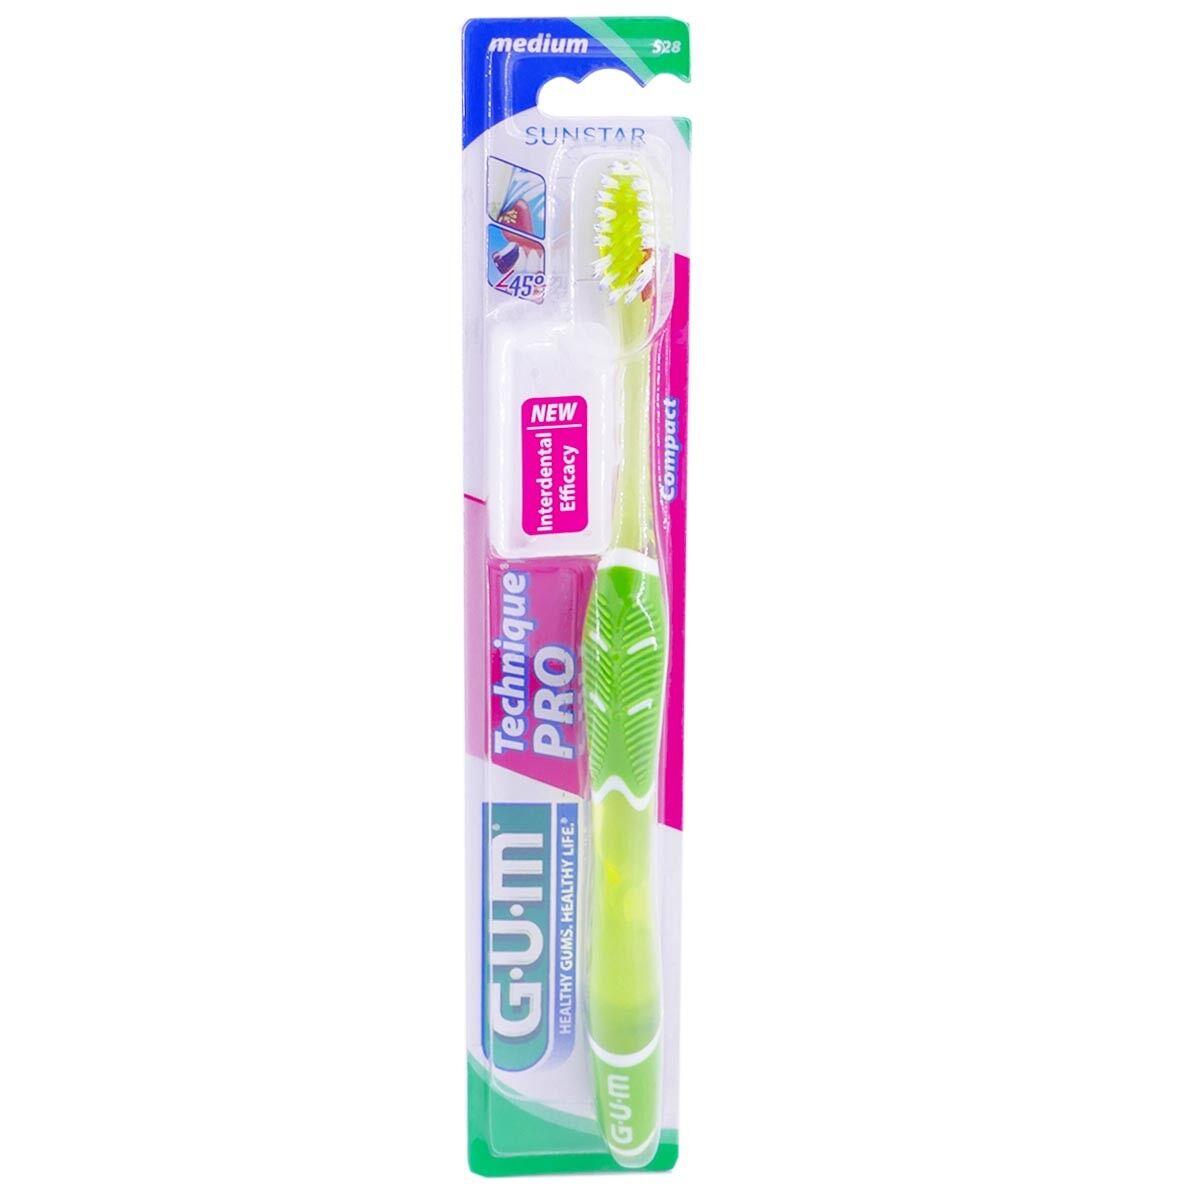 Gum brosse a dent technique pro medium 528